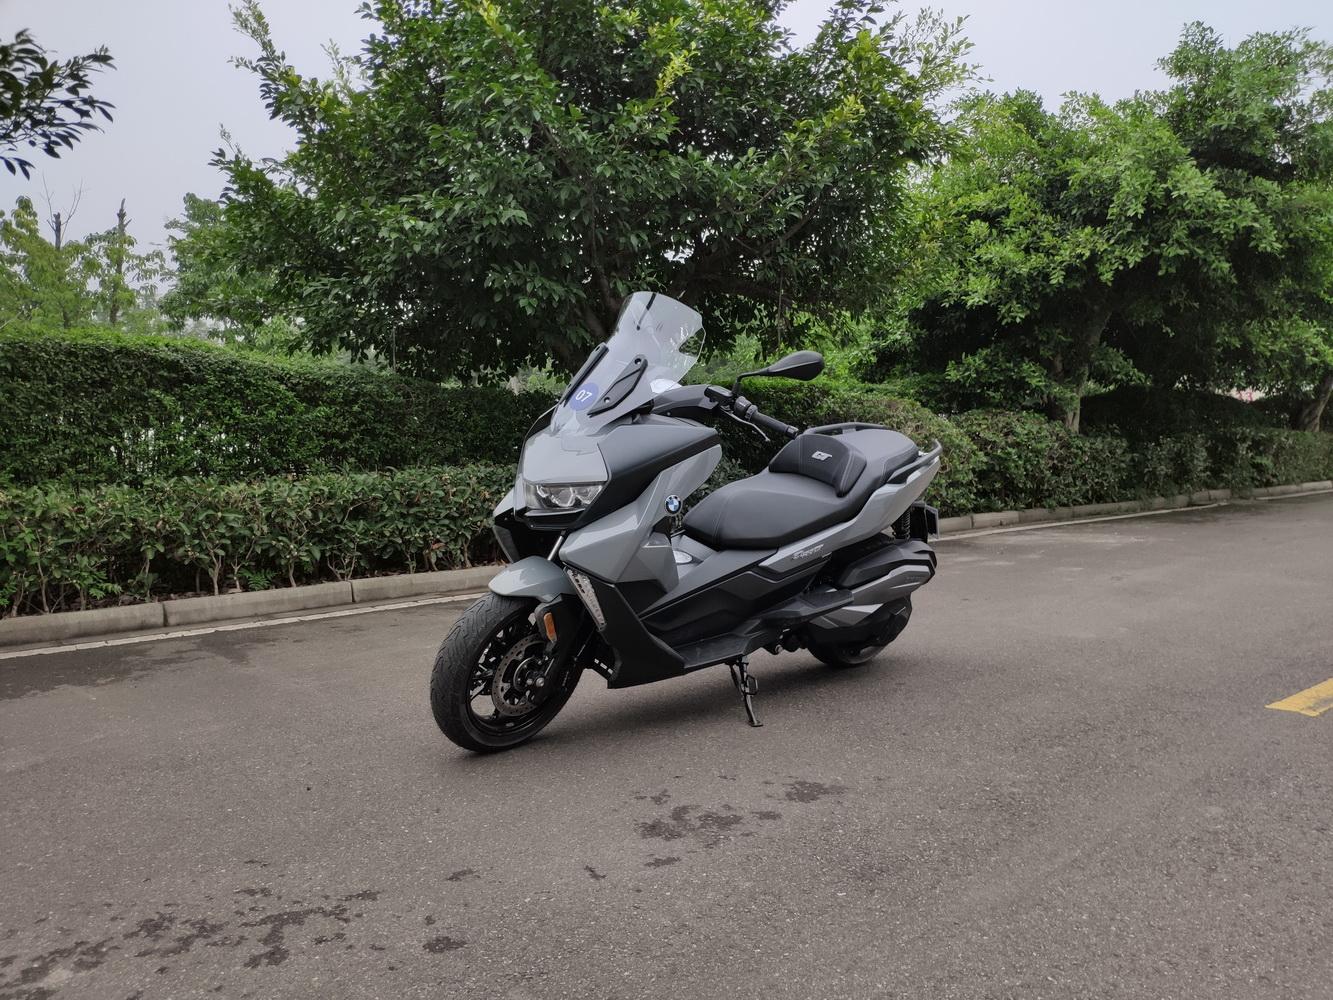 宝马C400GT摩托车上市售8.29万元